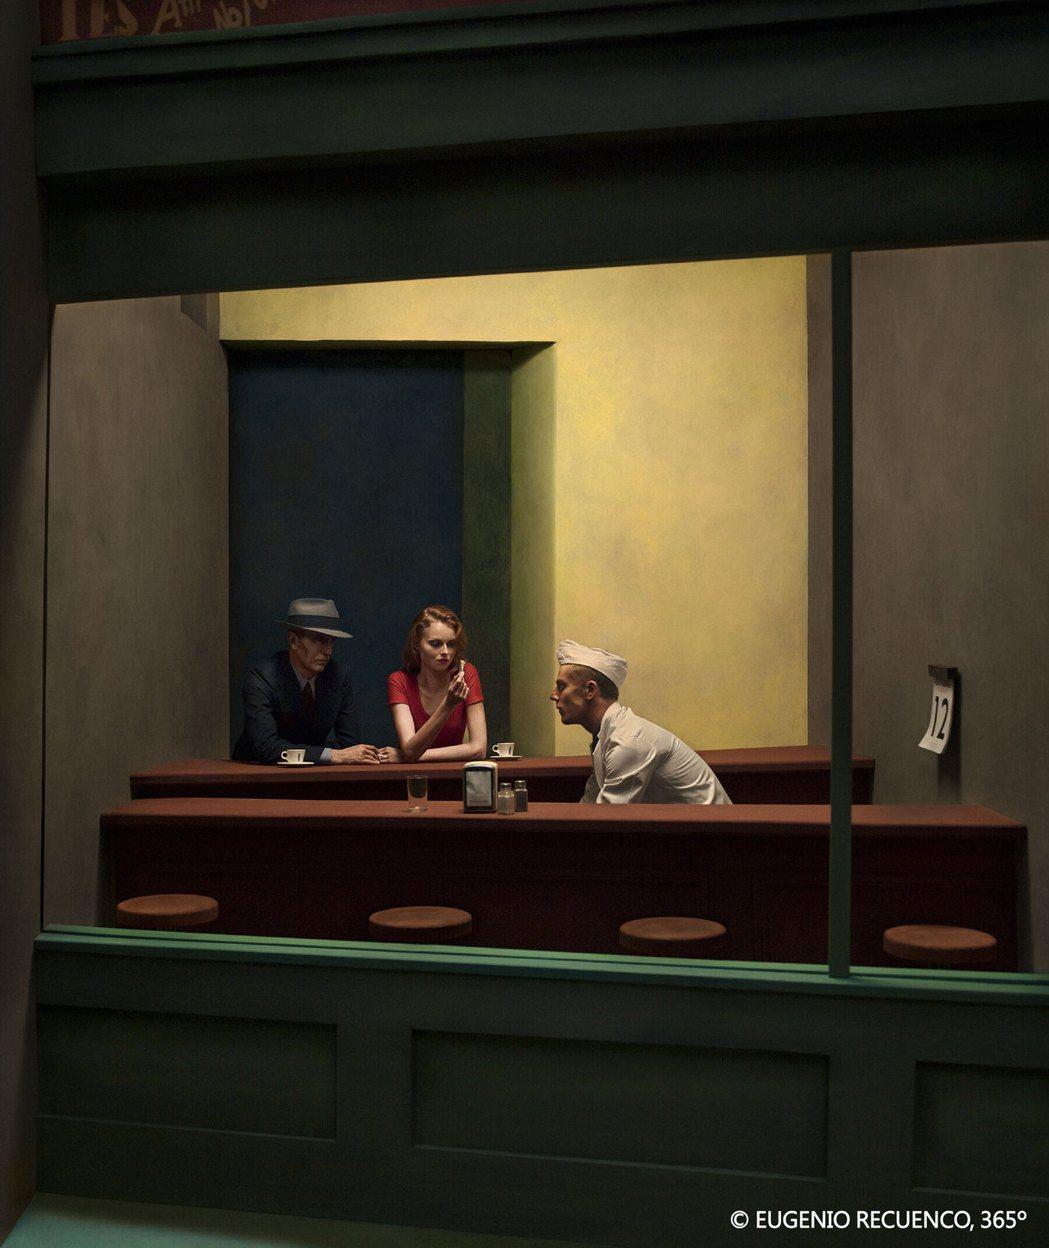 10月12日|本作致敬愛德華·霍普(Edward Hopper)的經典畫作《夜遊...